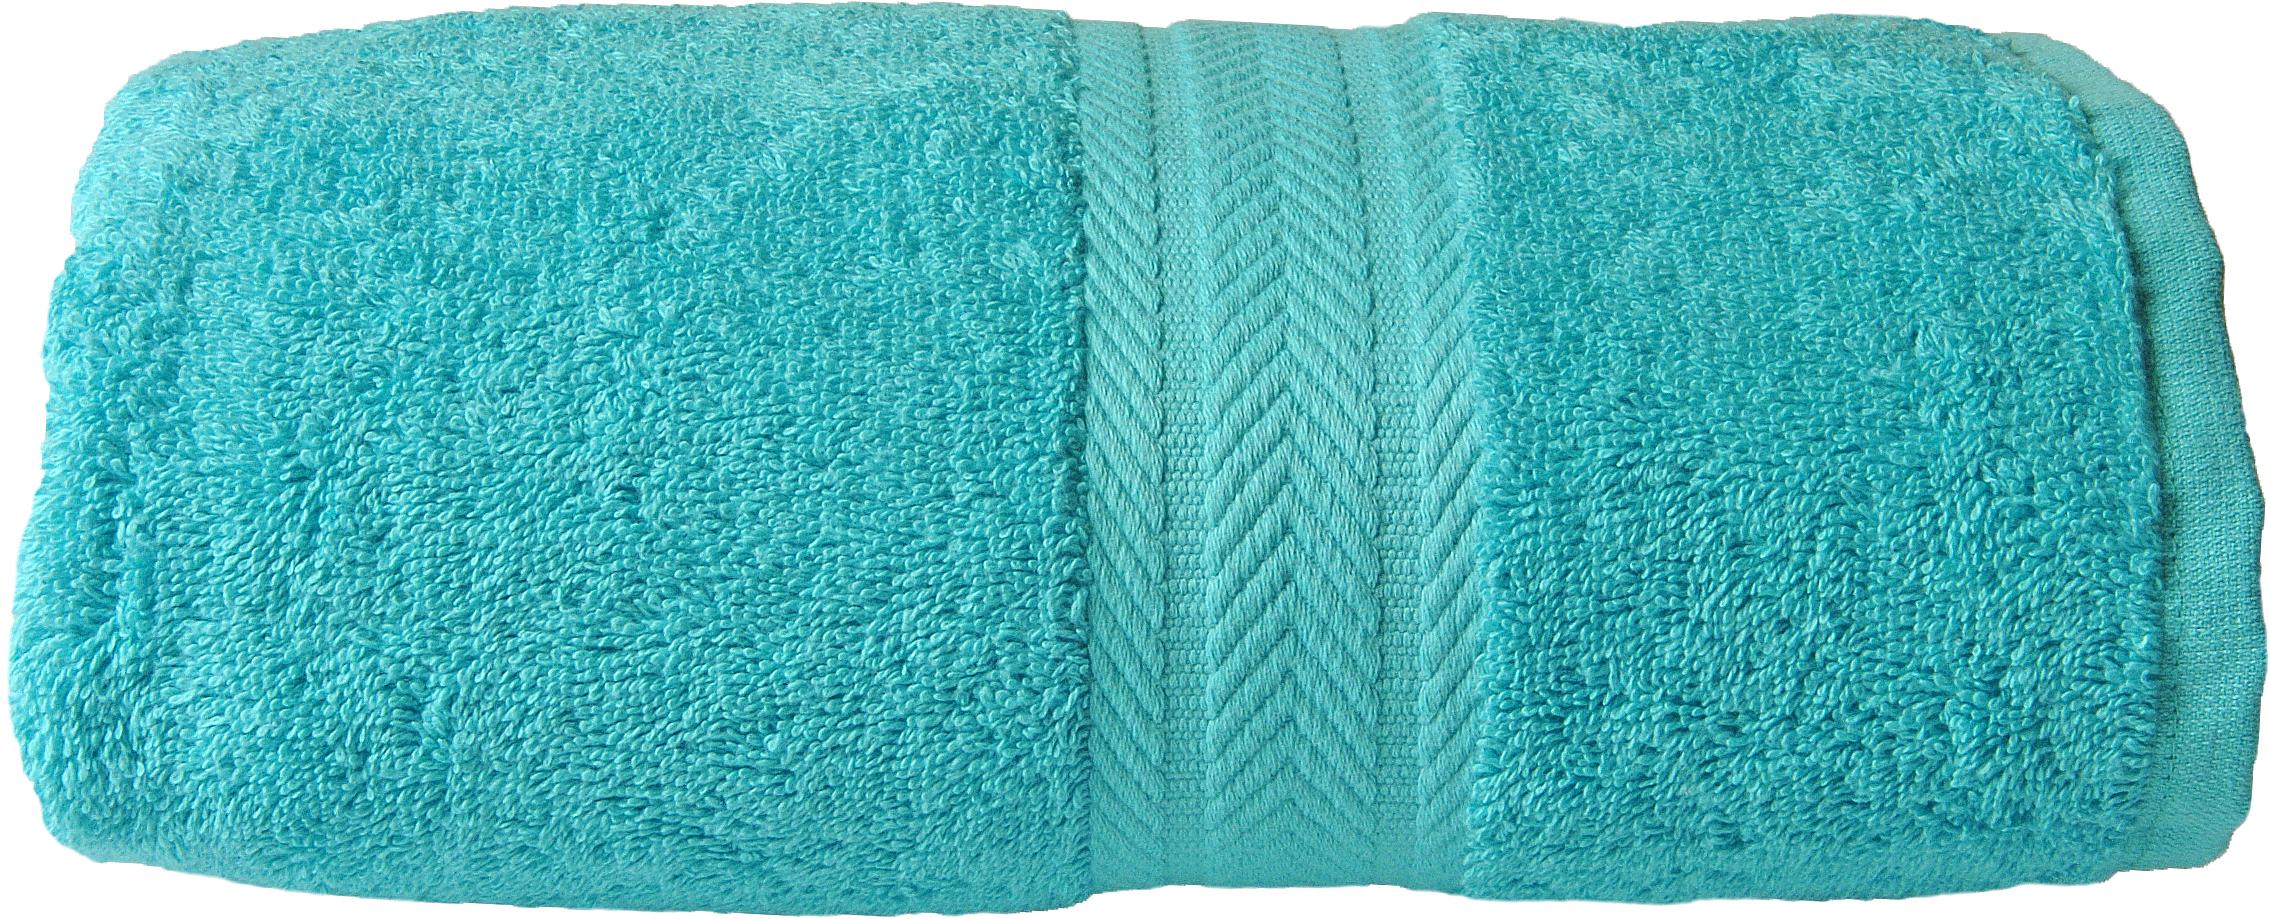 drap de bain 100 x 150 cm en coton couleur bleu turquoise. Black Bedroom Furniture Sets. Home Design Ideas